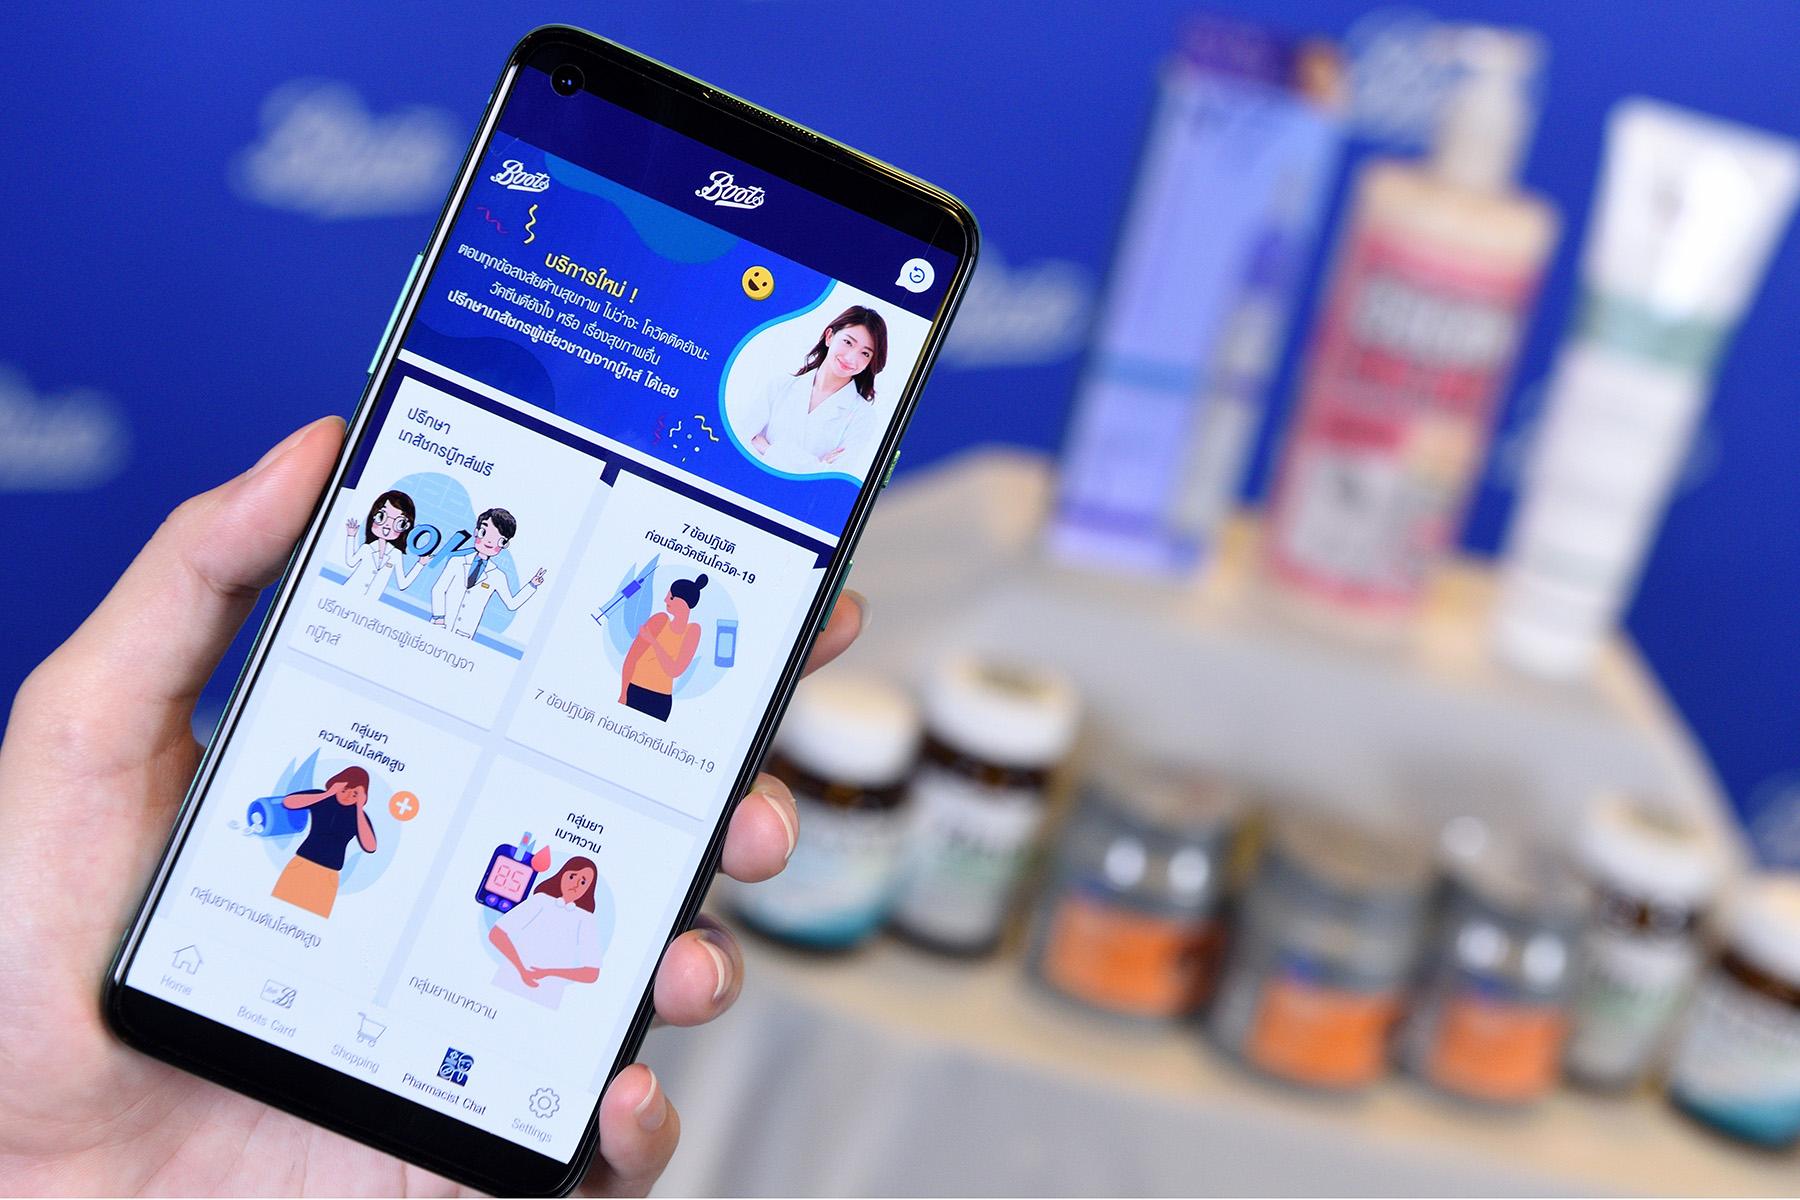 บู๊ทส์ส่ง Boots App แอปสุขภาพครบวงจร ยกระดับการดูแลสุขภาพของคนไทยให้ดียิ่งขึ้น ฝ่าวิกฤต COVID-19